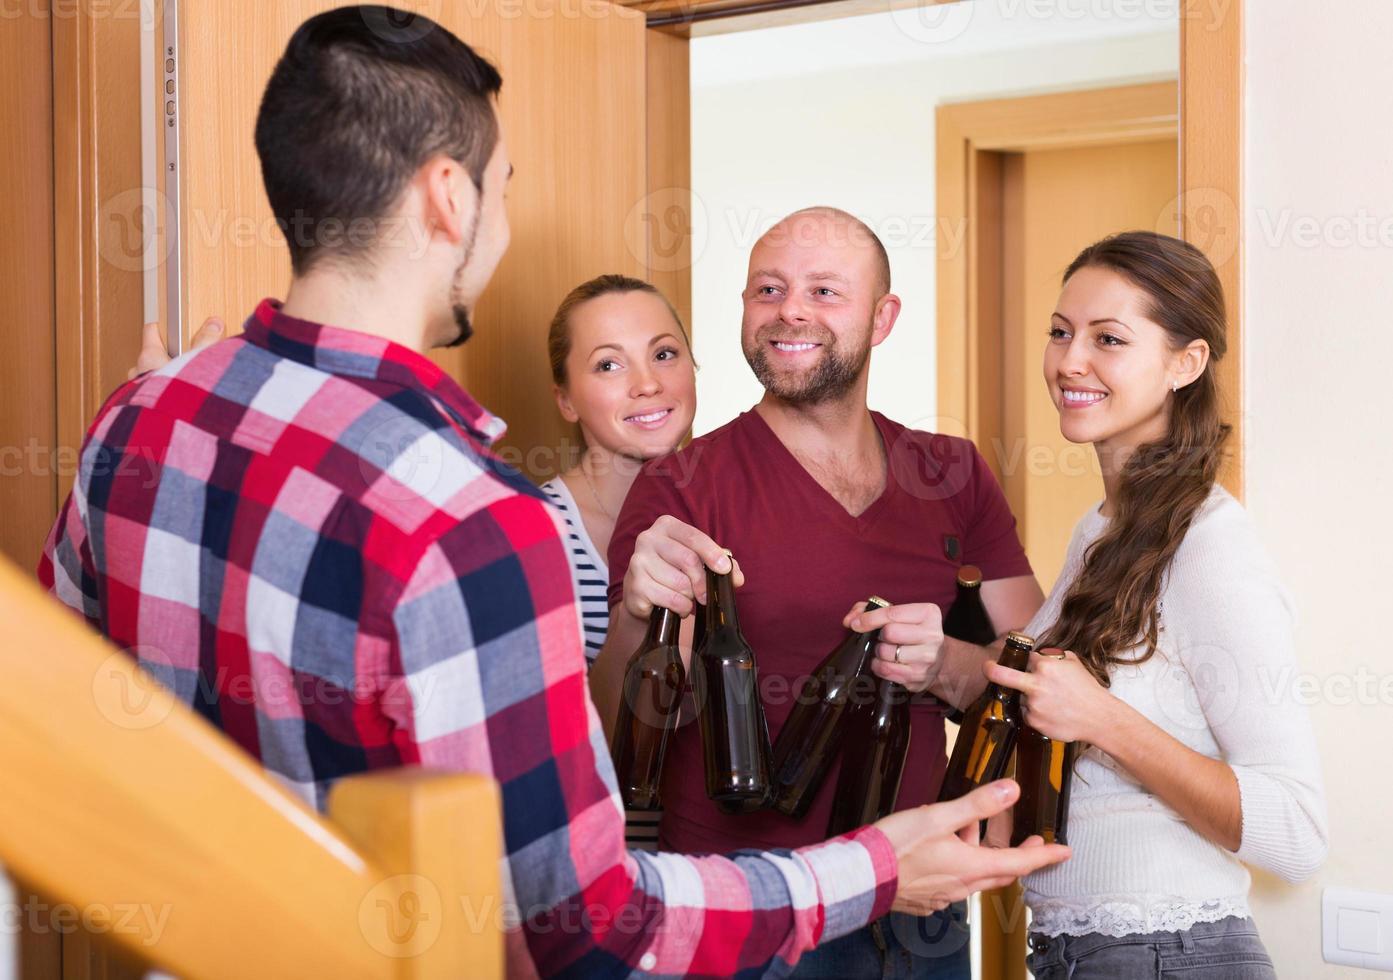 amici riuniti insieme alla festa foto